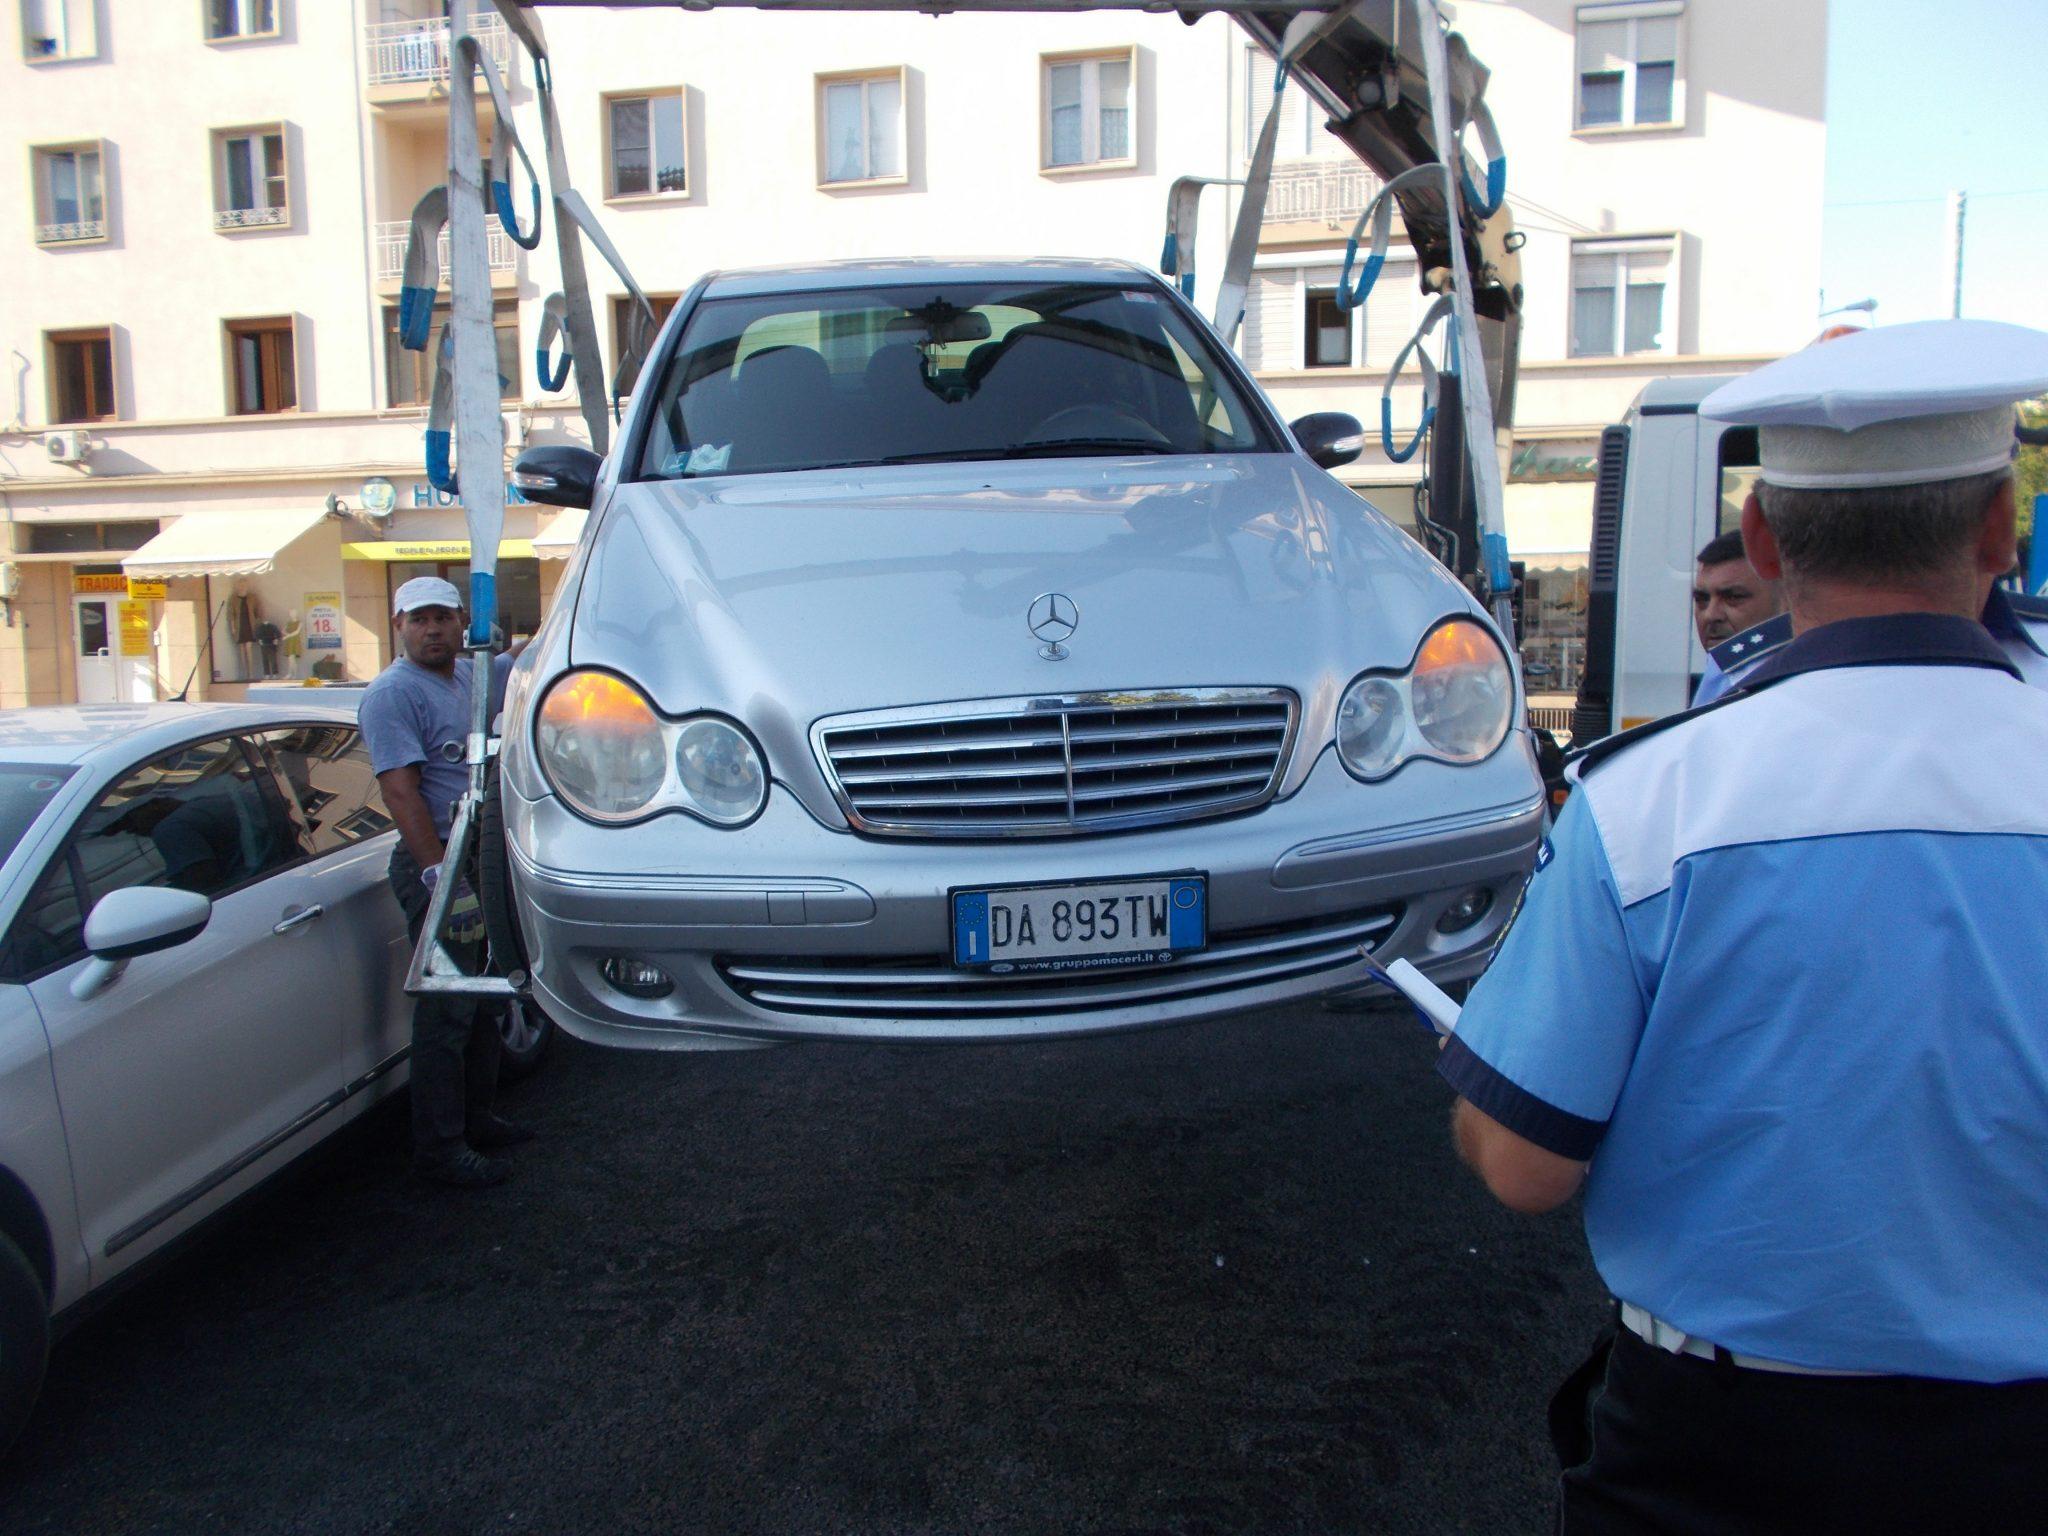 Peste 250 de mașini fără vinietă, ridicate de Poliția Locală Craiova. Amenzi de peste un miliard de lei vechi, într-o singură lună!